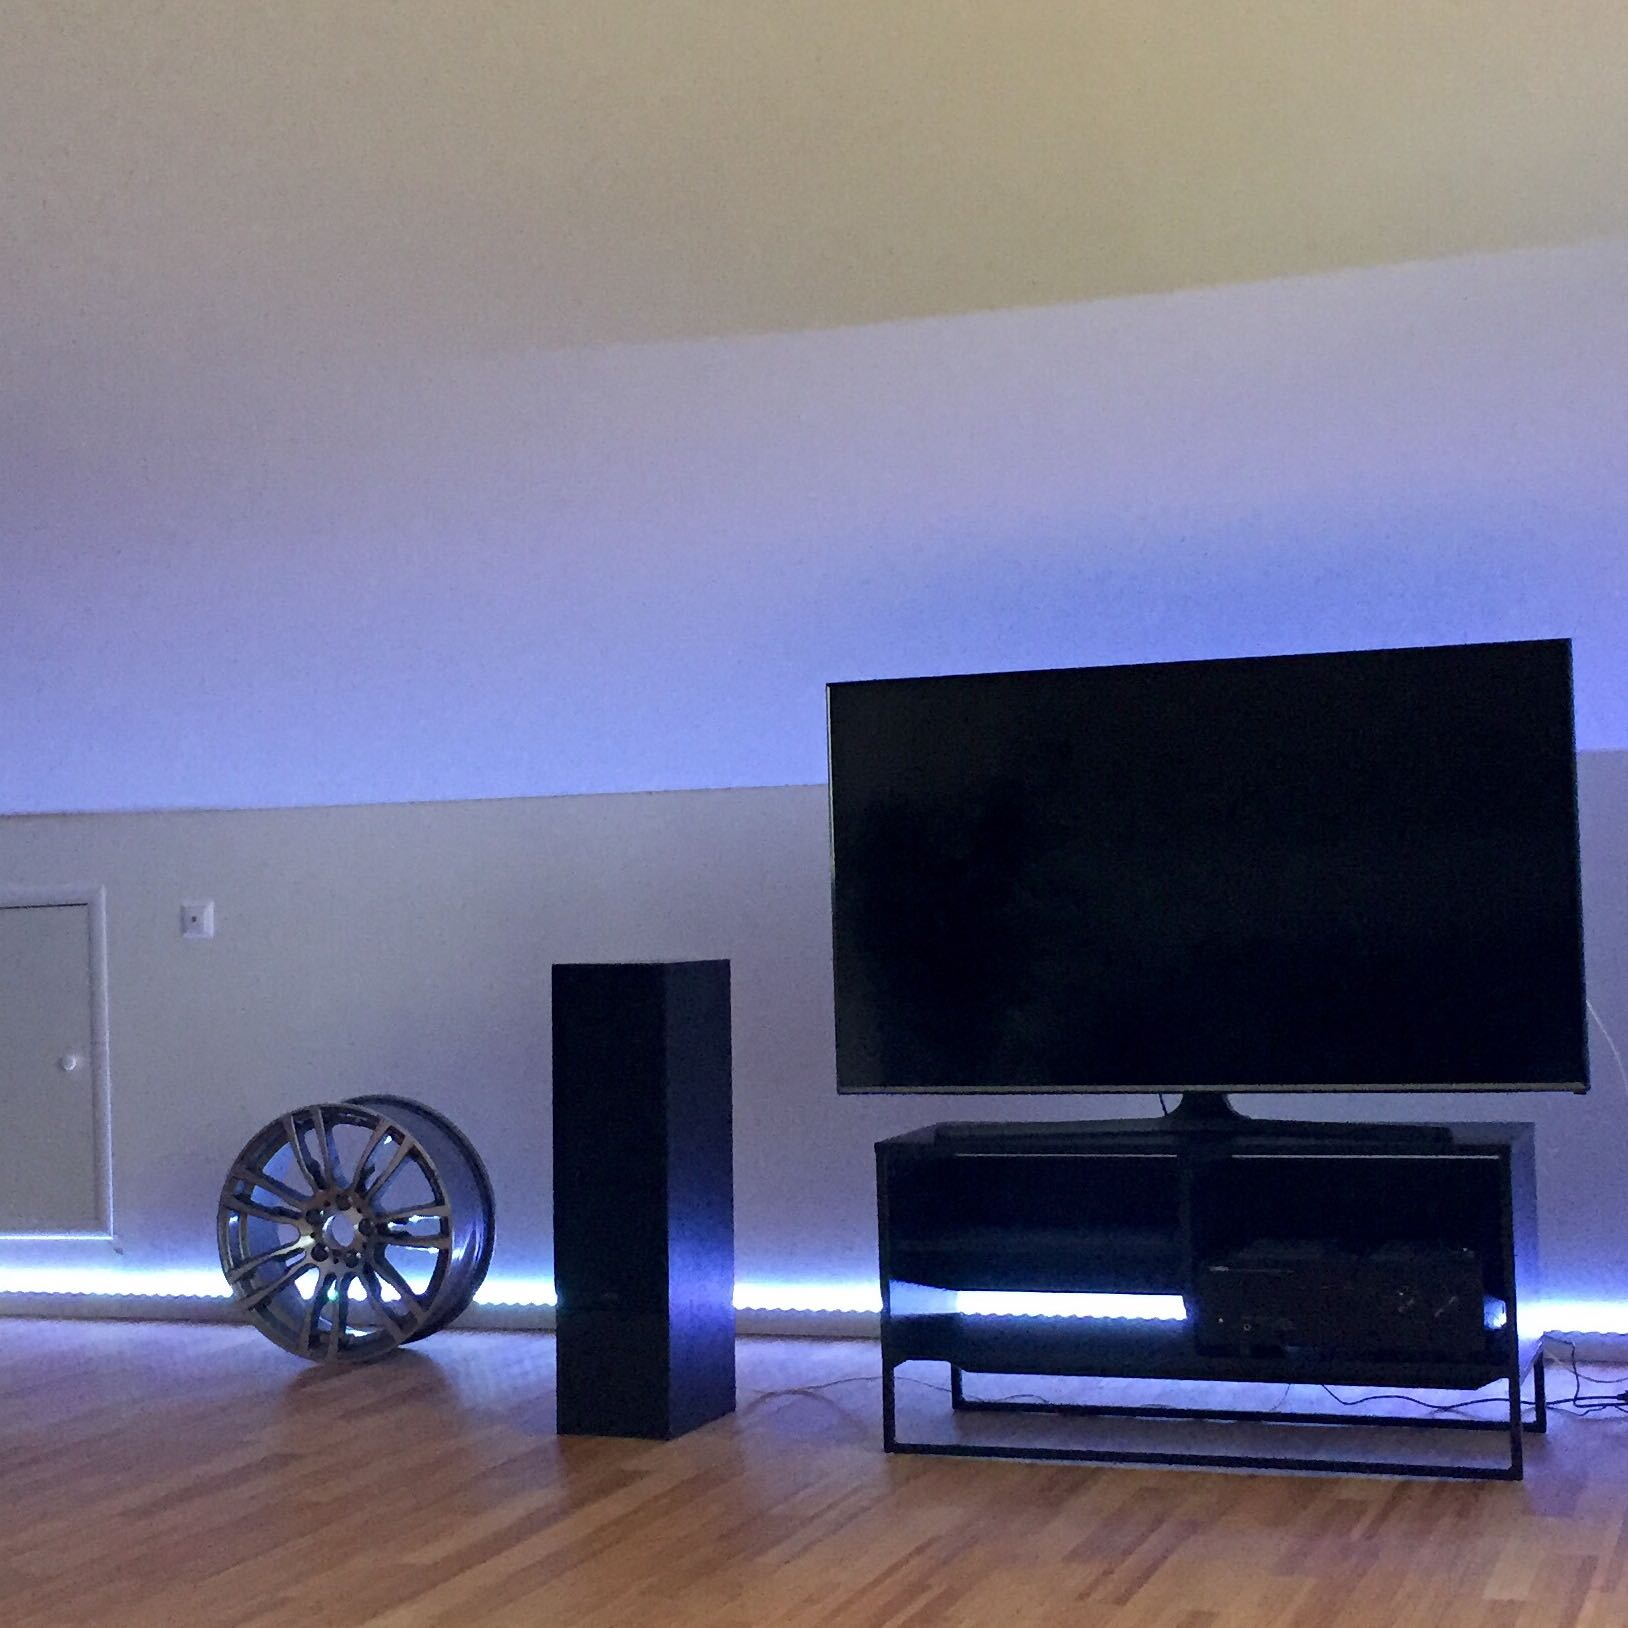 au ergew hnliche einrichtungsgegenst nde coole sachen m bel cool jugendlich. Black Bedroom Furniture Sets. Home Design Ideas